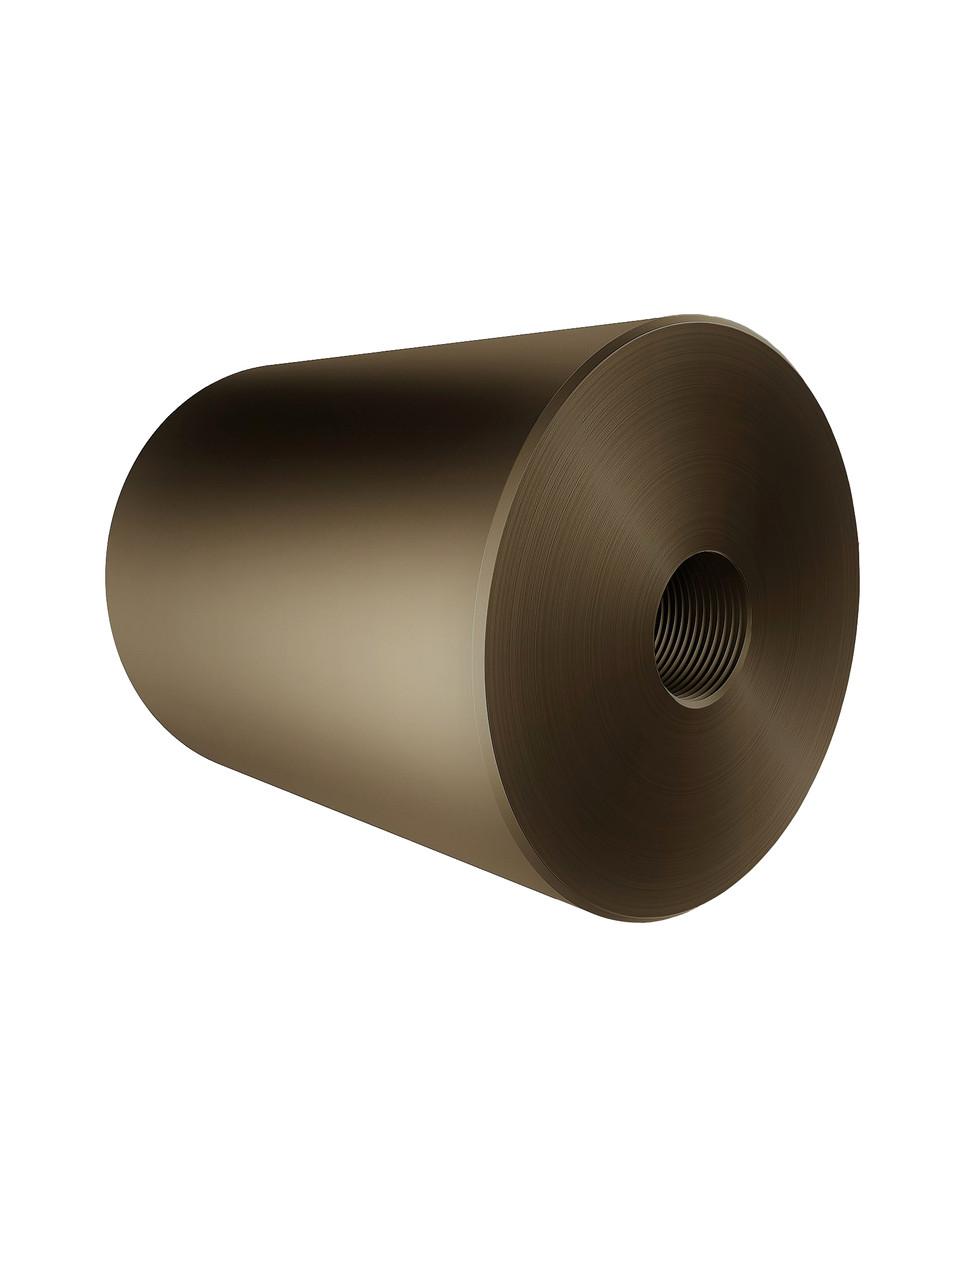 ODF-06-26-30-L50 Дистанция 50 мм для коннектора диаметром 40 мм и с резьбой М10, цвет матовая бронза